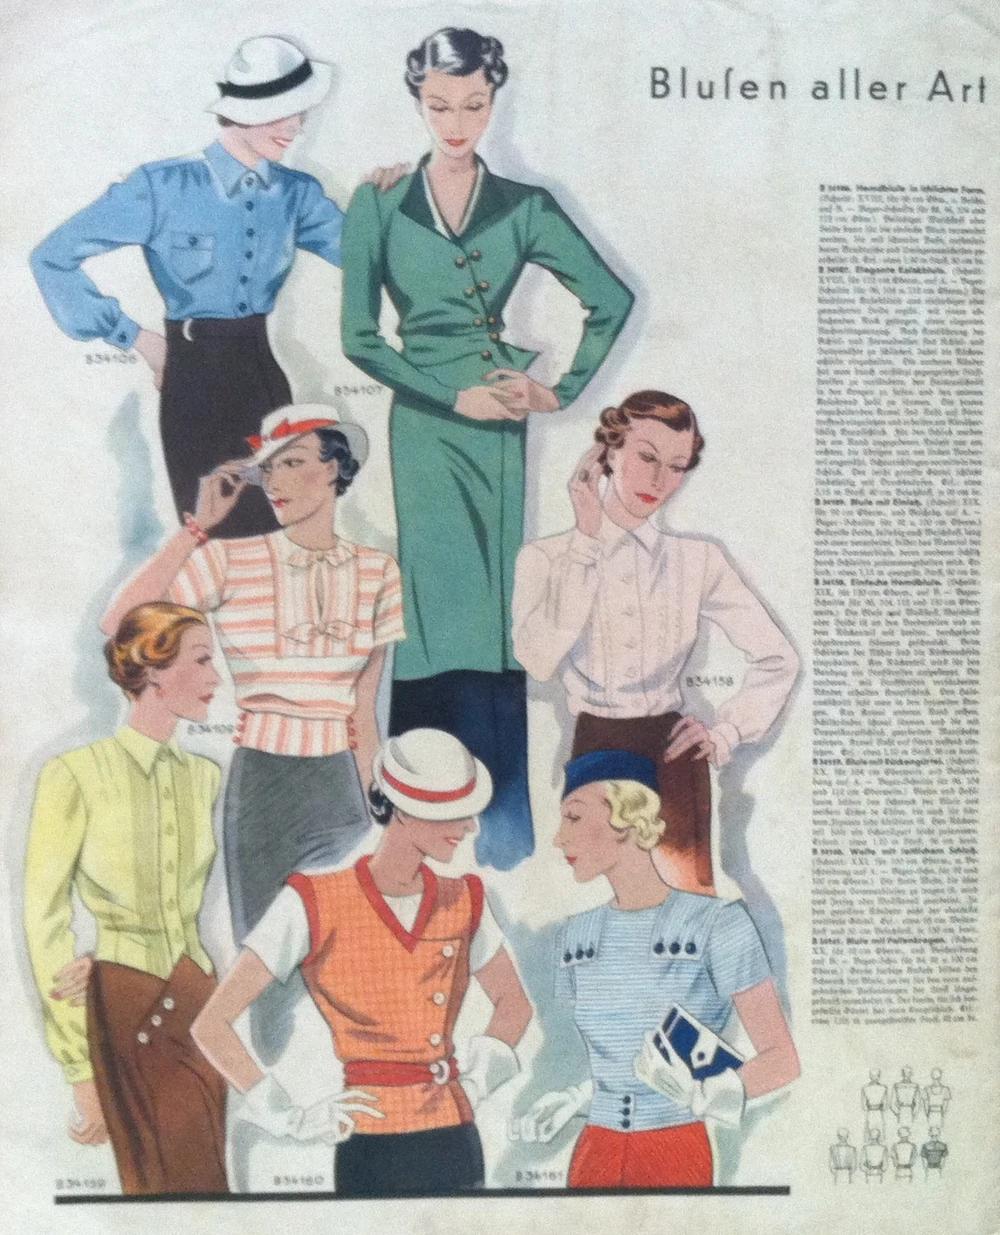 Deutsche ModenZeitung No. 18 Vol. 43 1933/34 (With images